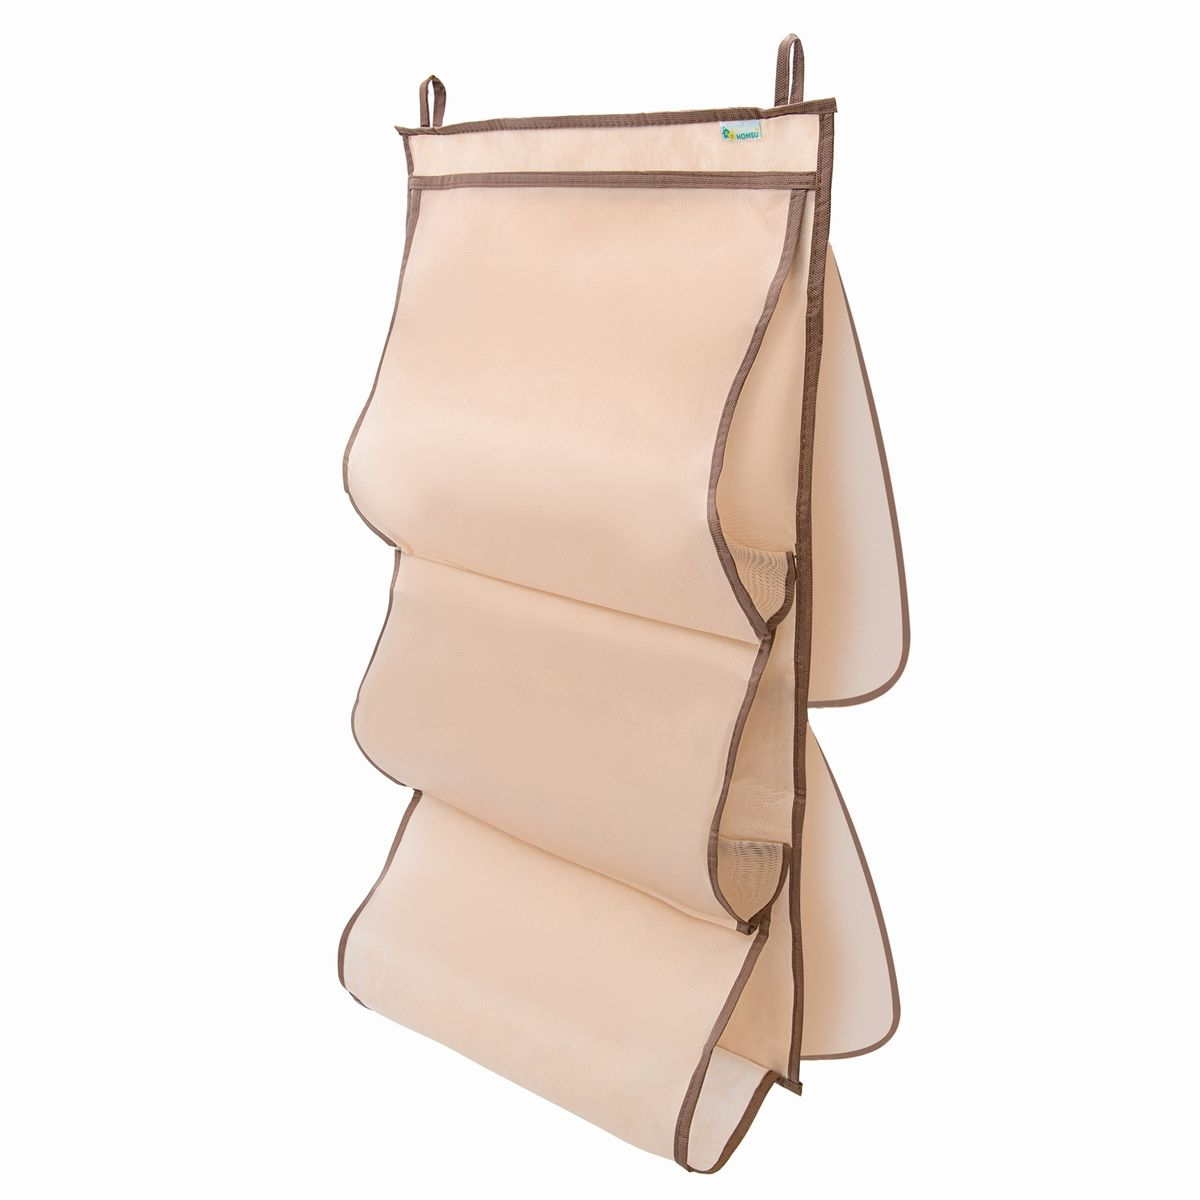 Органайзер для сумок в шкаф Homsu, 40 x 70 смHOM-805Органайзер для хранения сумок Homsu имеет 5 отделений под сумки разного размера. Изделие выполнено из спанбонда. Органайзер поможет защитить сумки от пыли и повреждений. Его можно установить на вешалку и повесить прямо в шкаф.